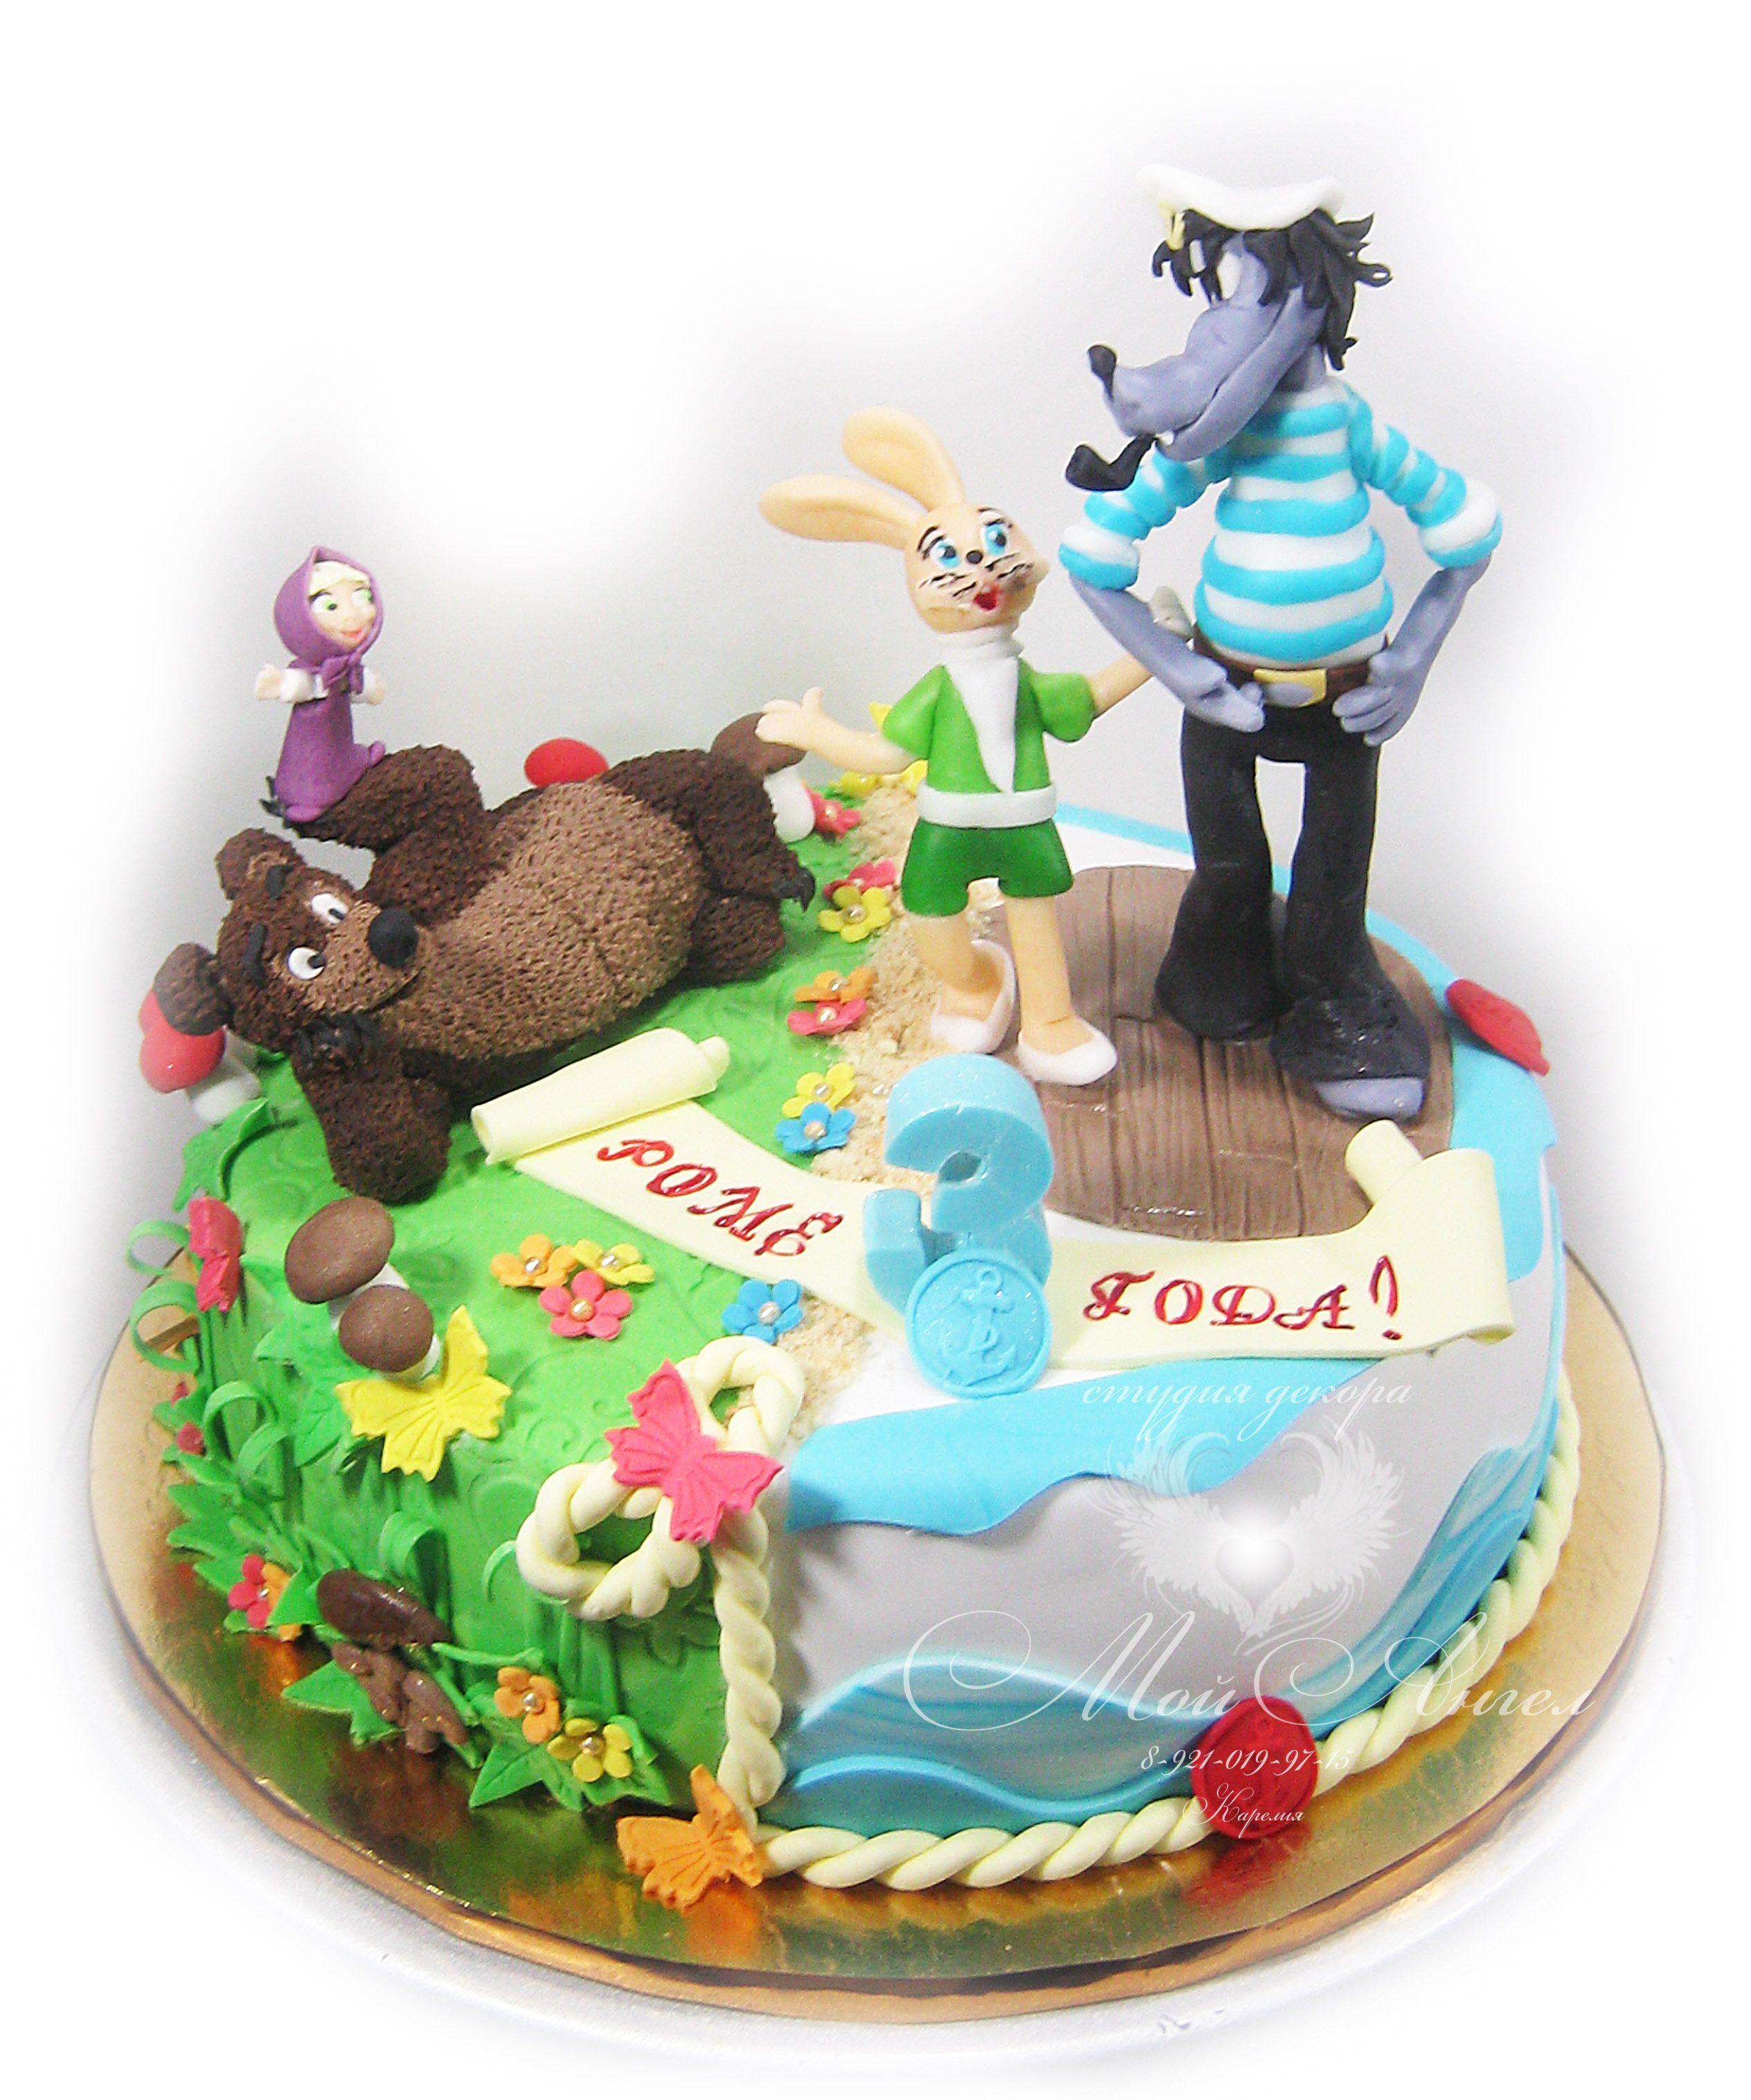 Картинка на торт ну погоди